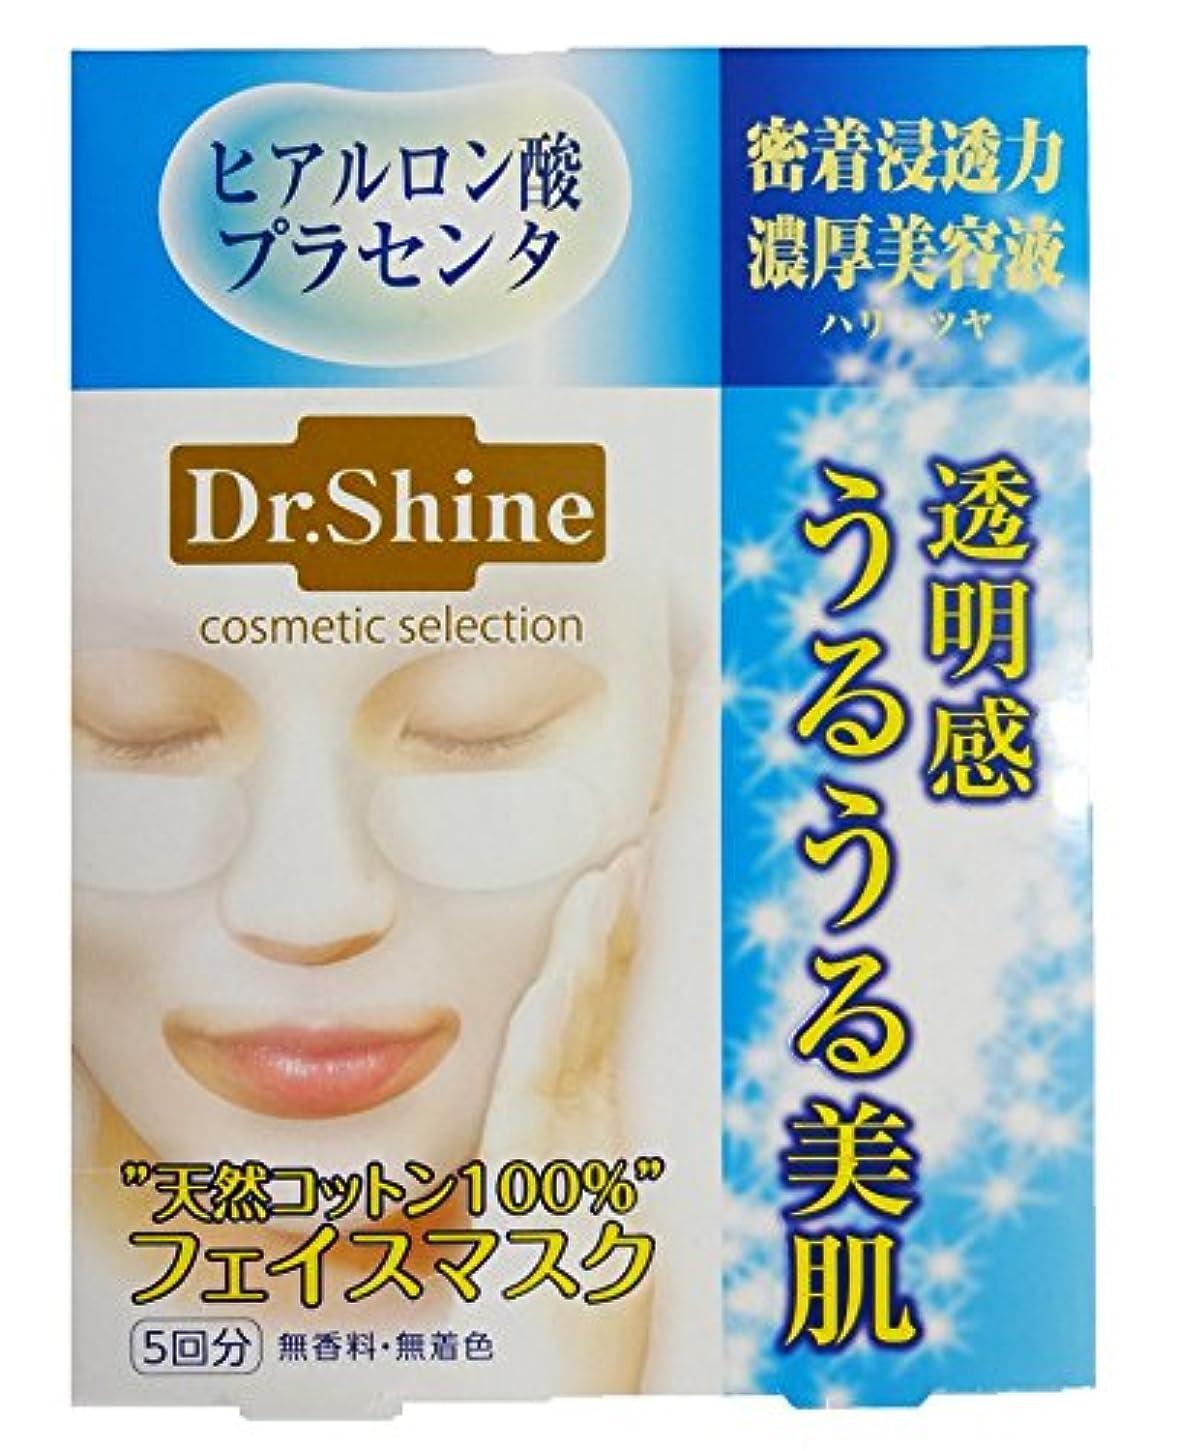 燃やす増幅器連合Dr.Shine(ドクターシャイン) フェイスマスクHP 5回分(20ml×5)